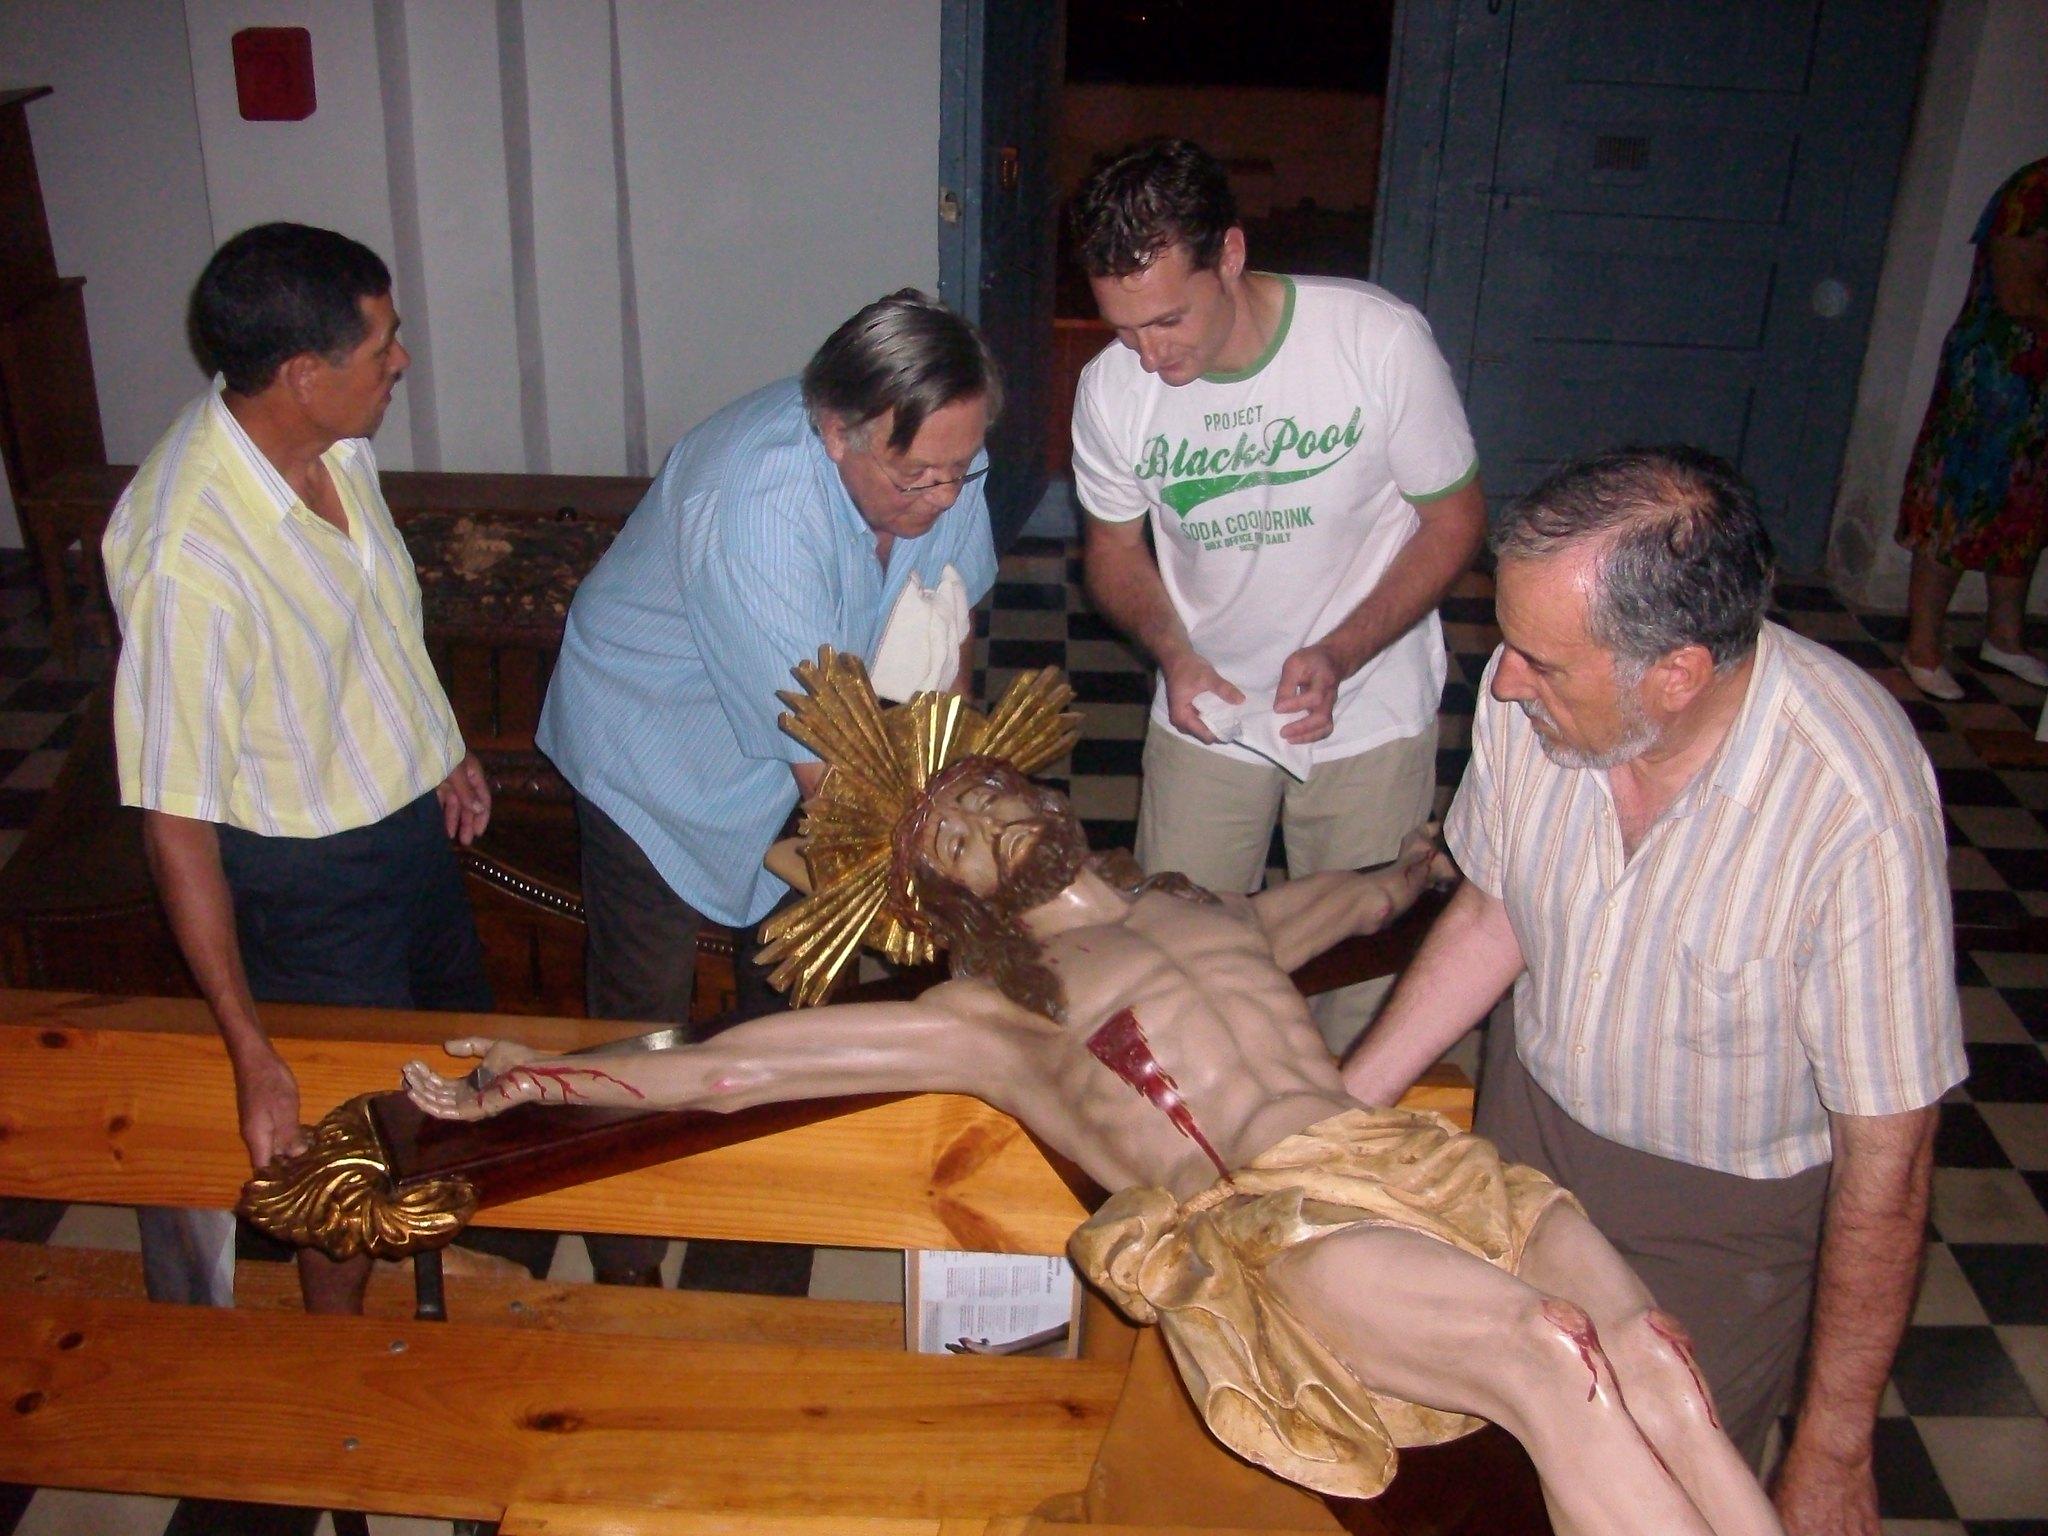 (2010-06-22) - Preparativos Imagen - Javier Romero Ripoll - (02)